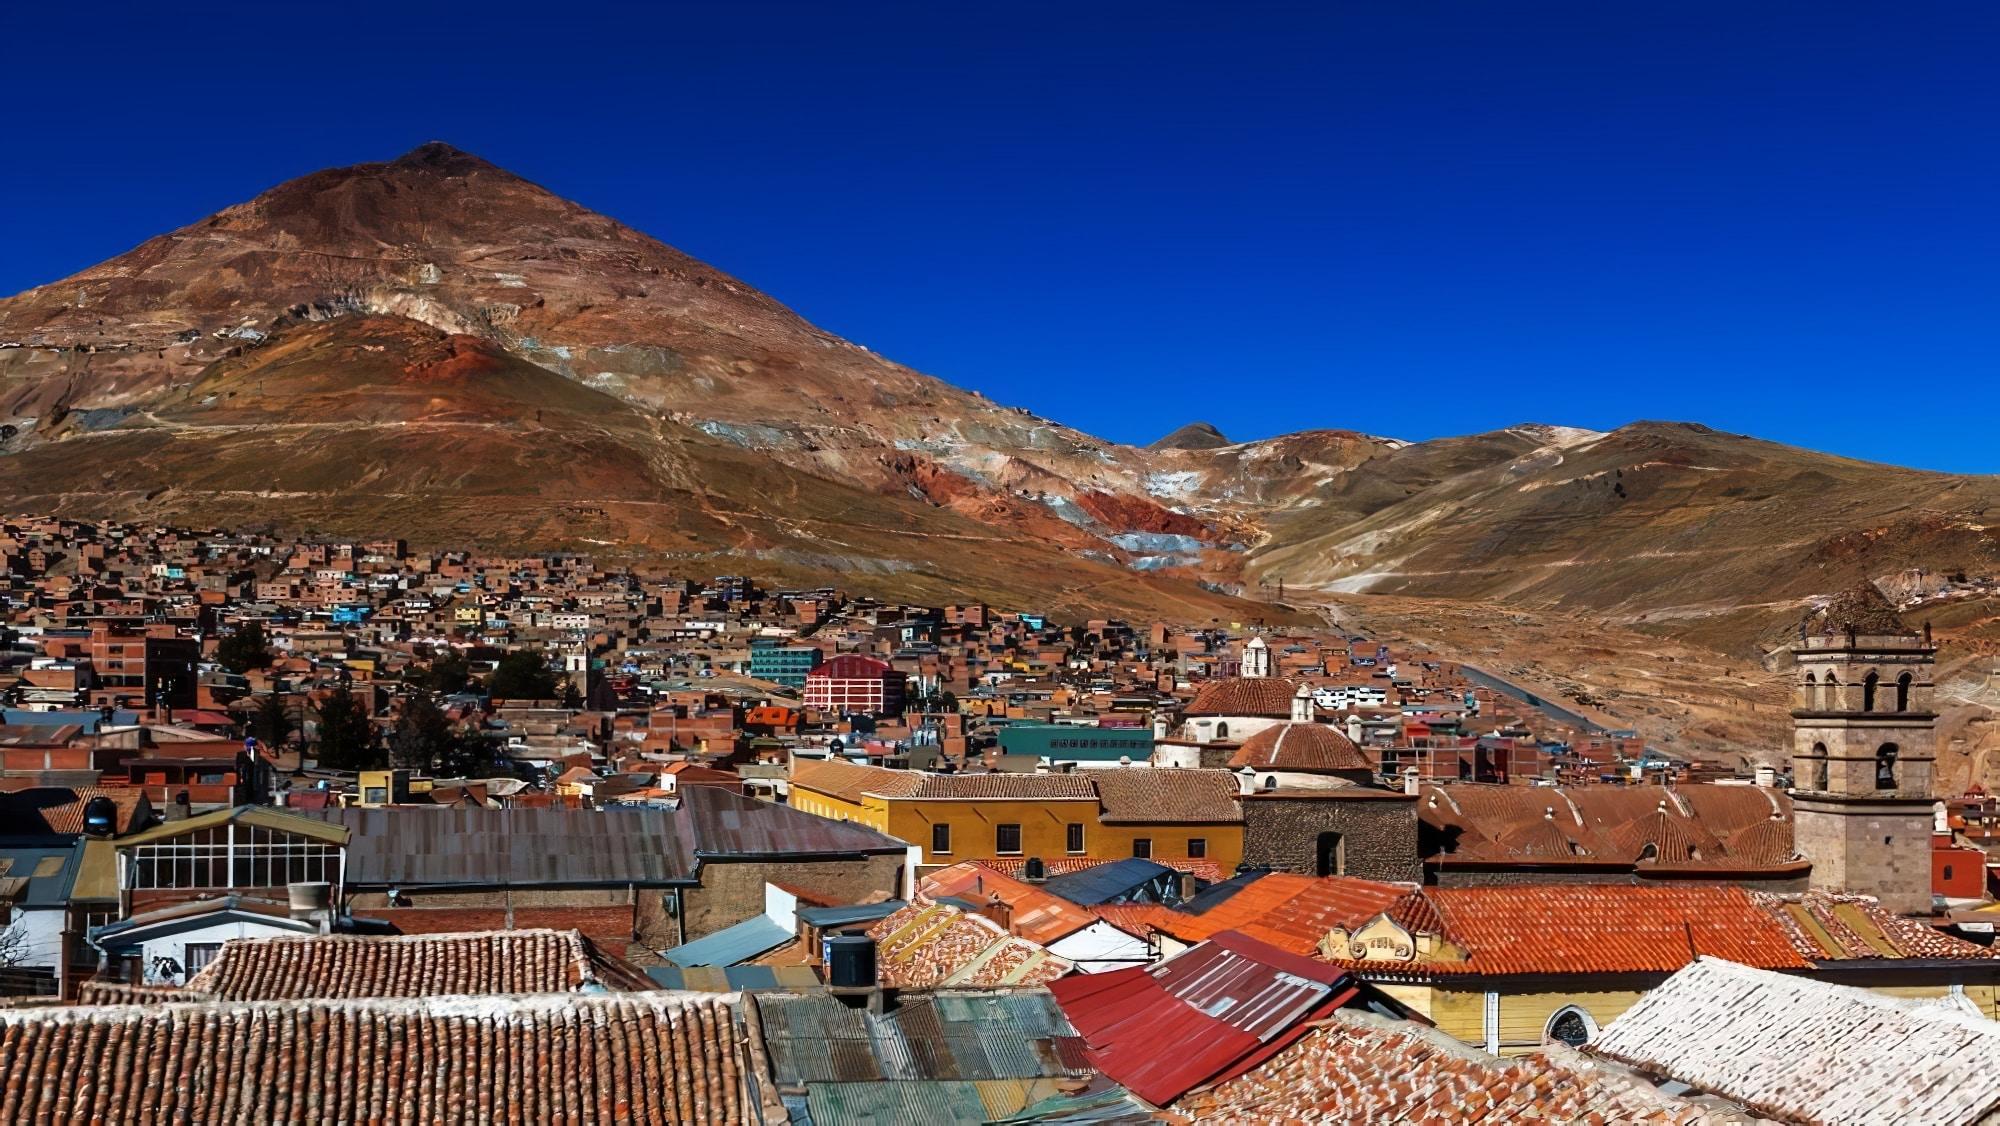 Visiter Potosí